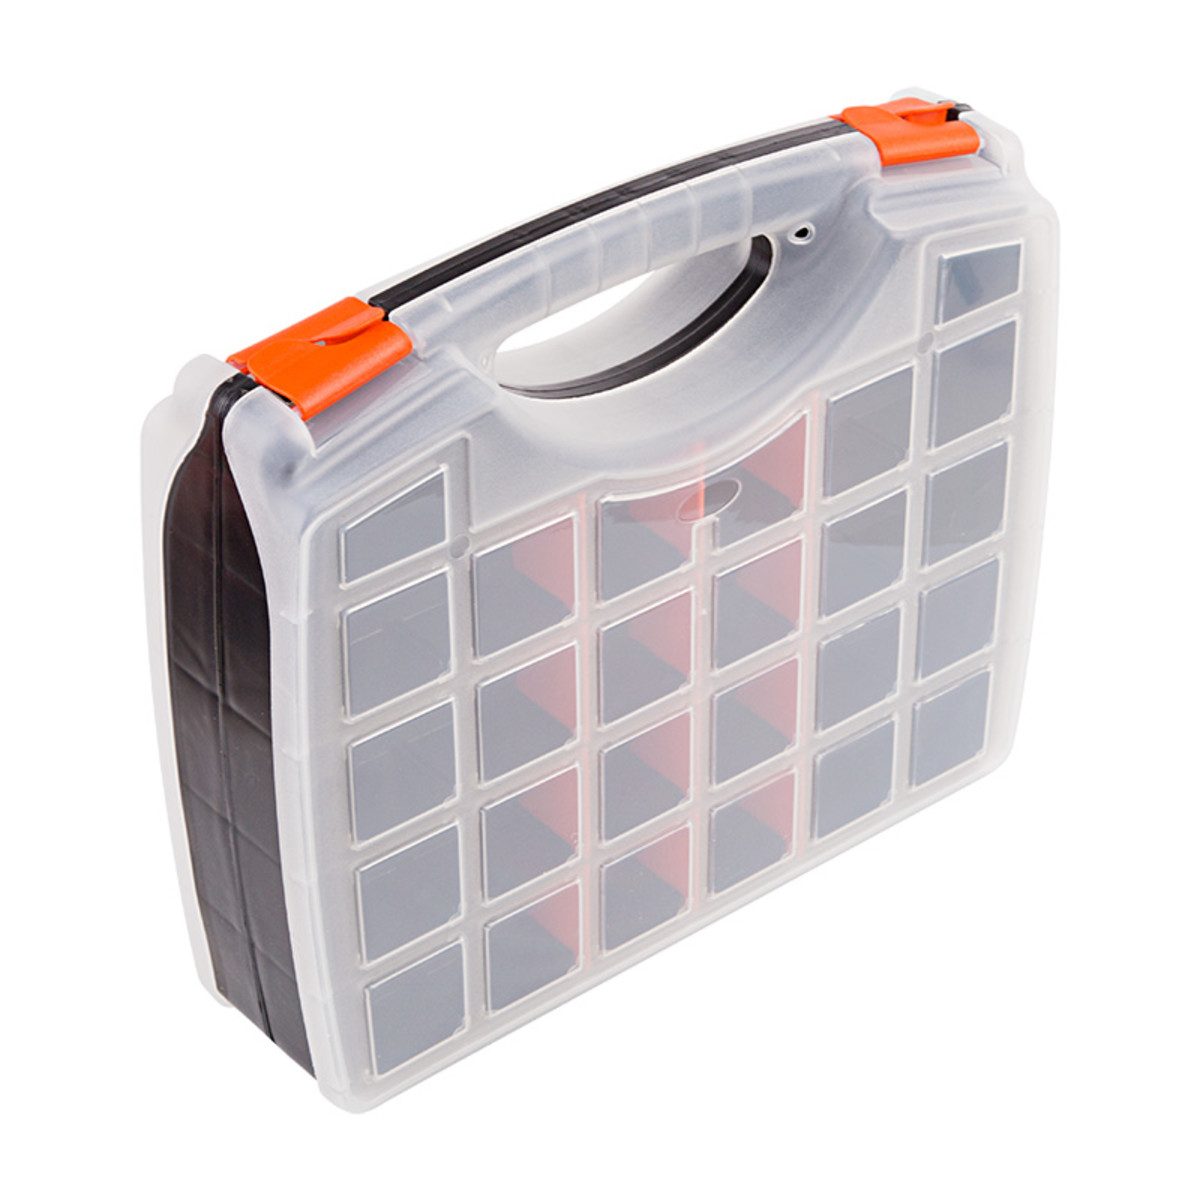 Ящик для инструментов Proconnect 12-5022-4